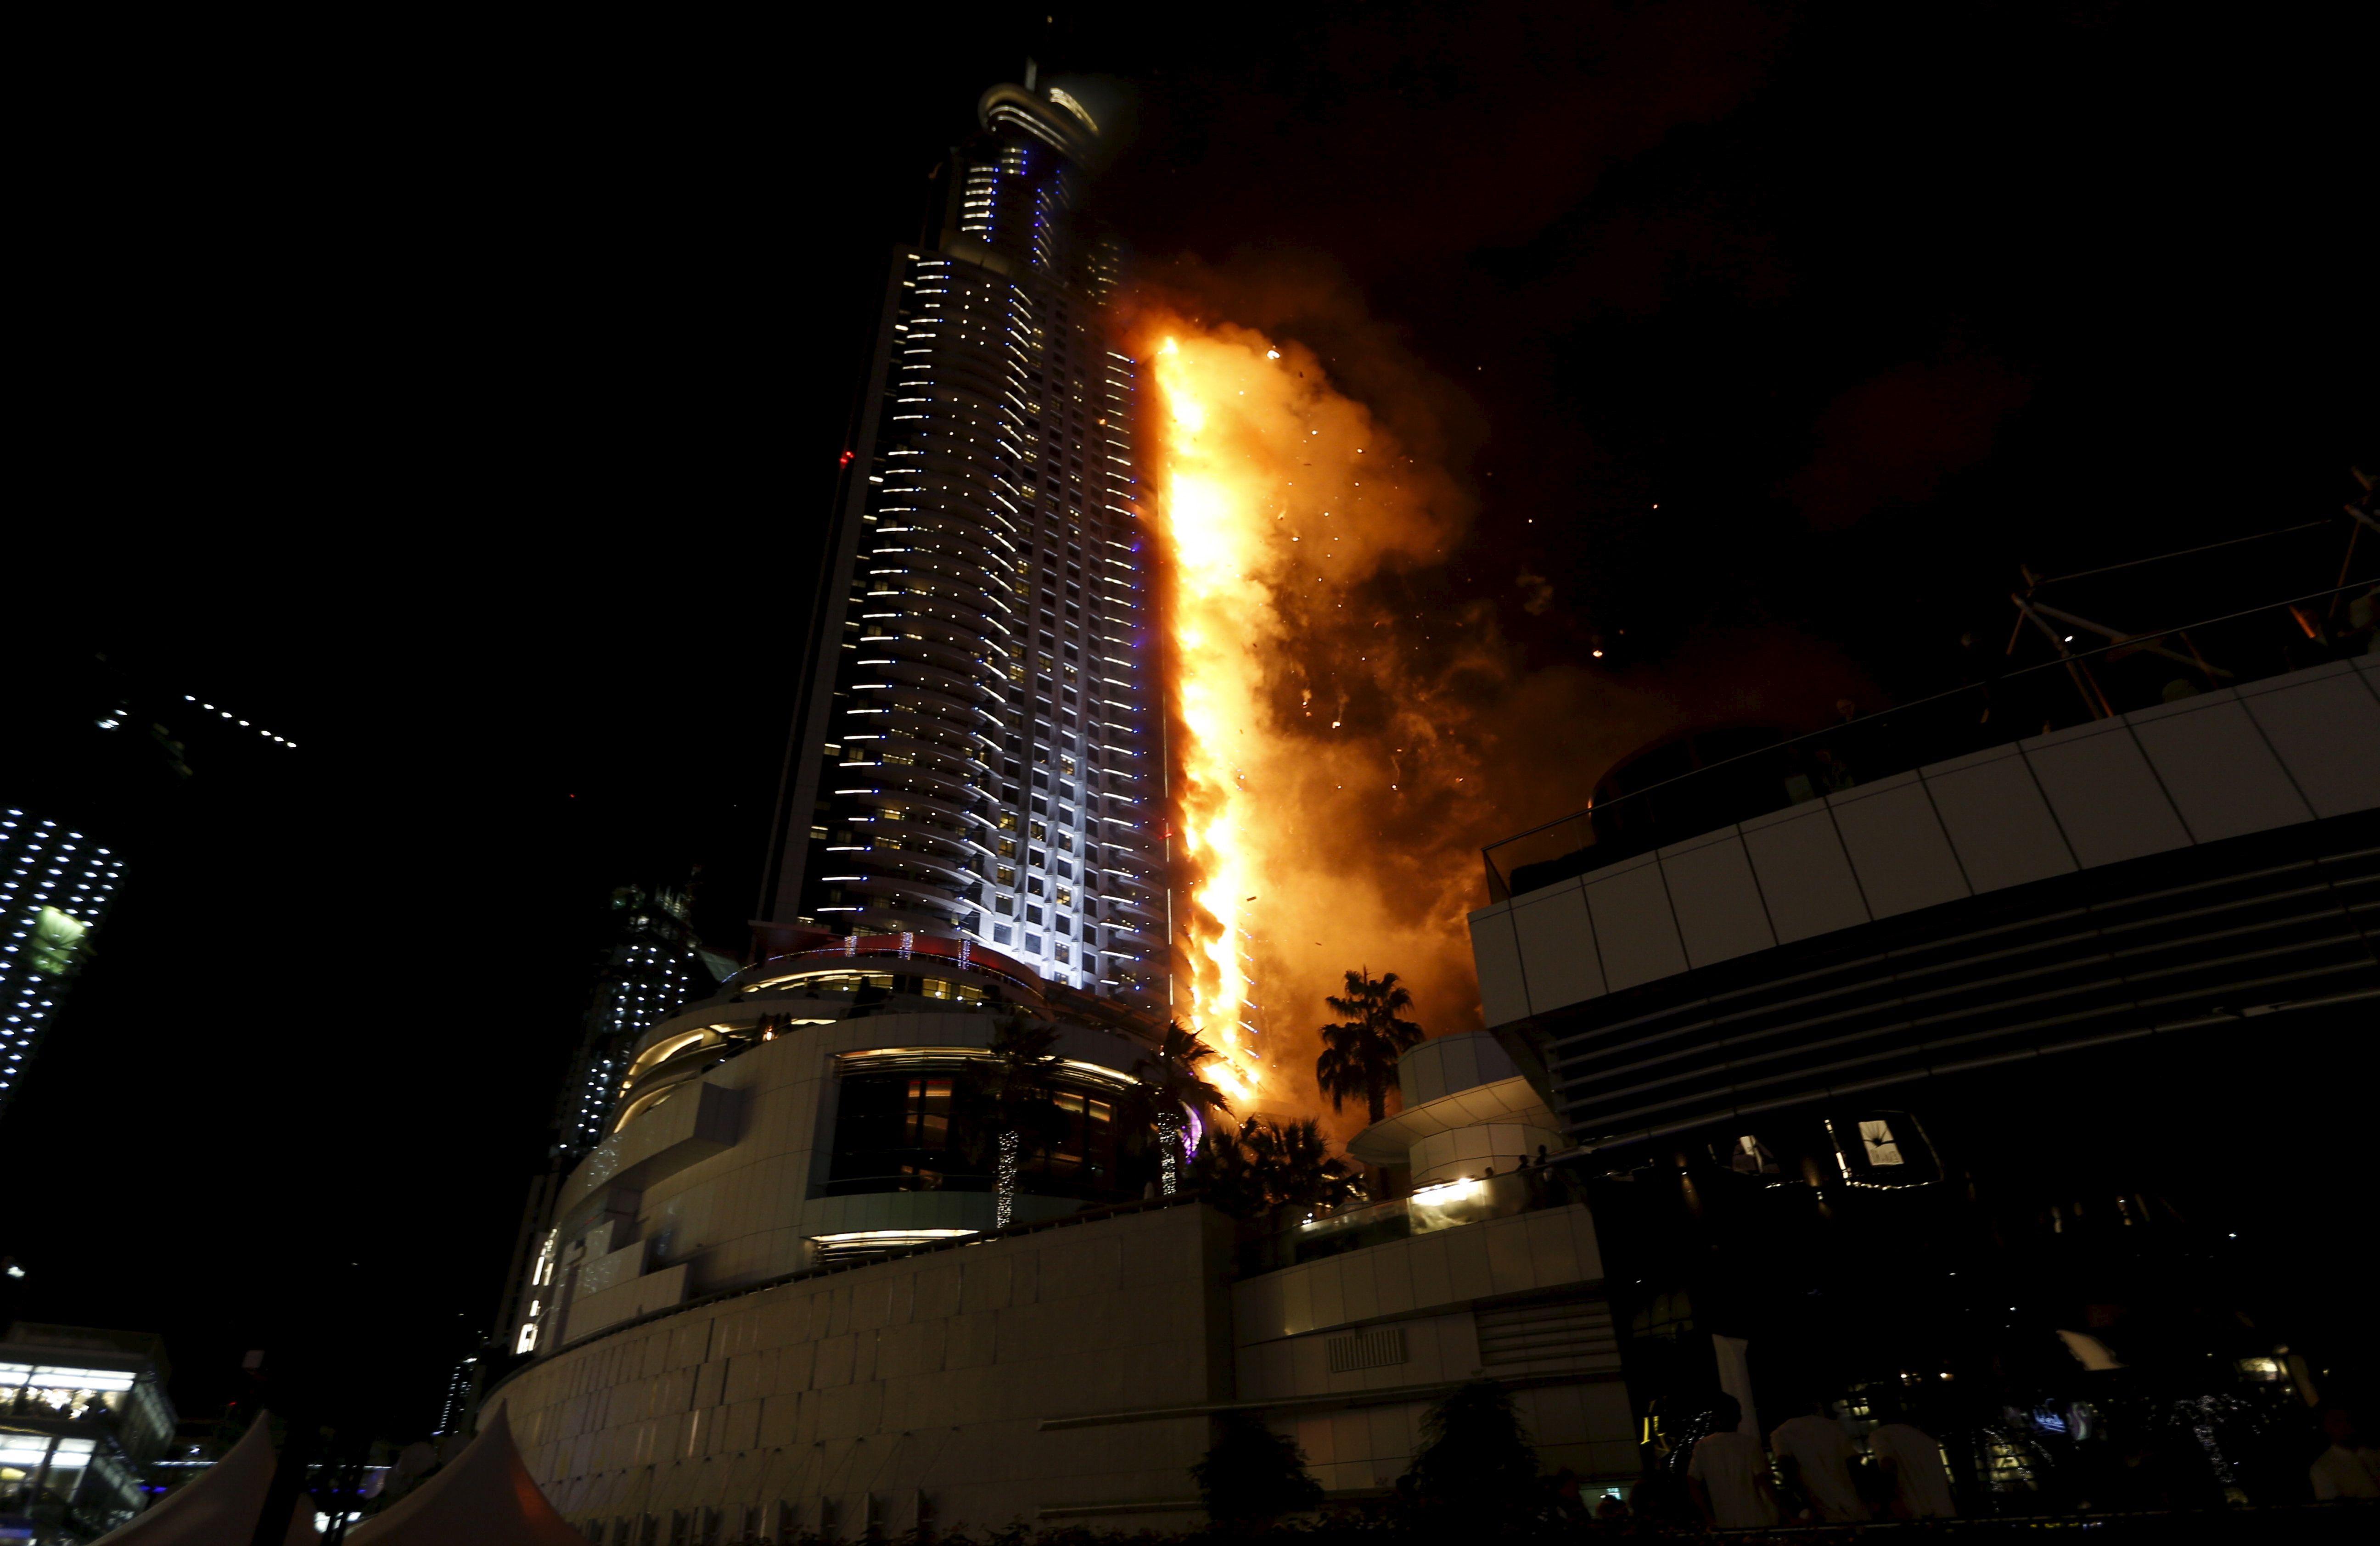 Dubaï : un photographe se suspend dans le vide au 48e étage d'un gratte-ciel pour échapper à l'incendie géant